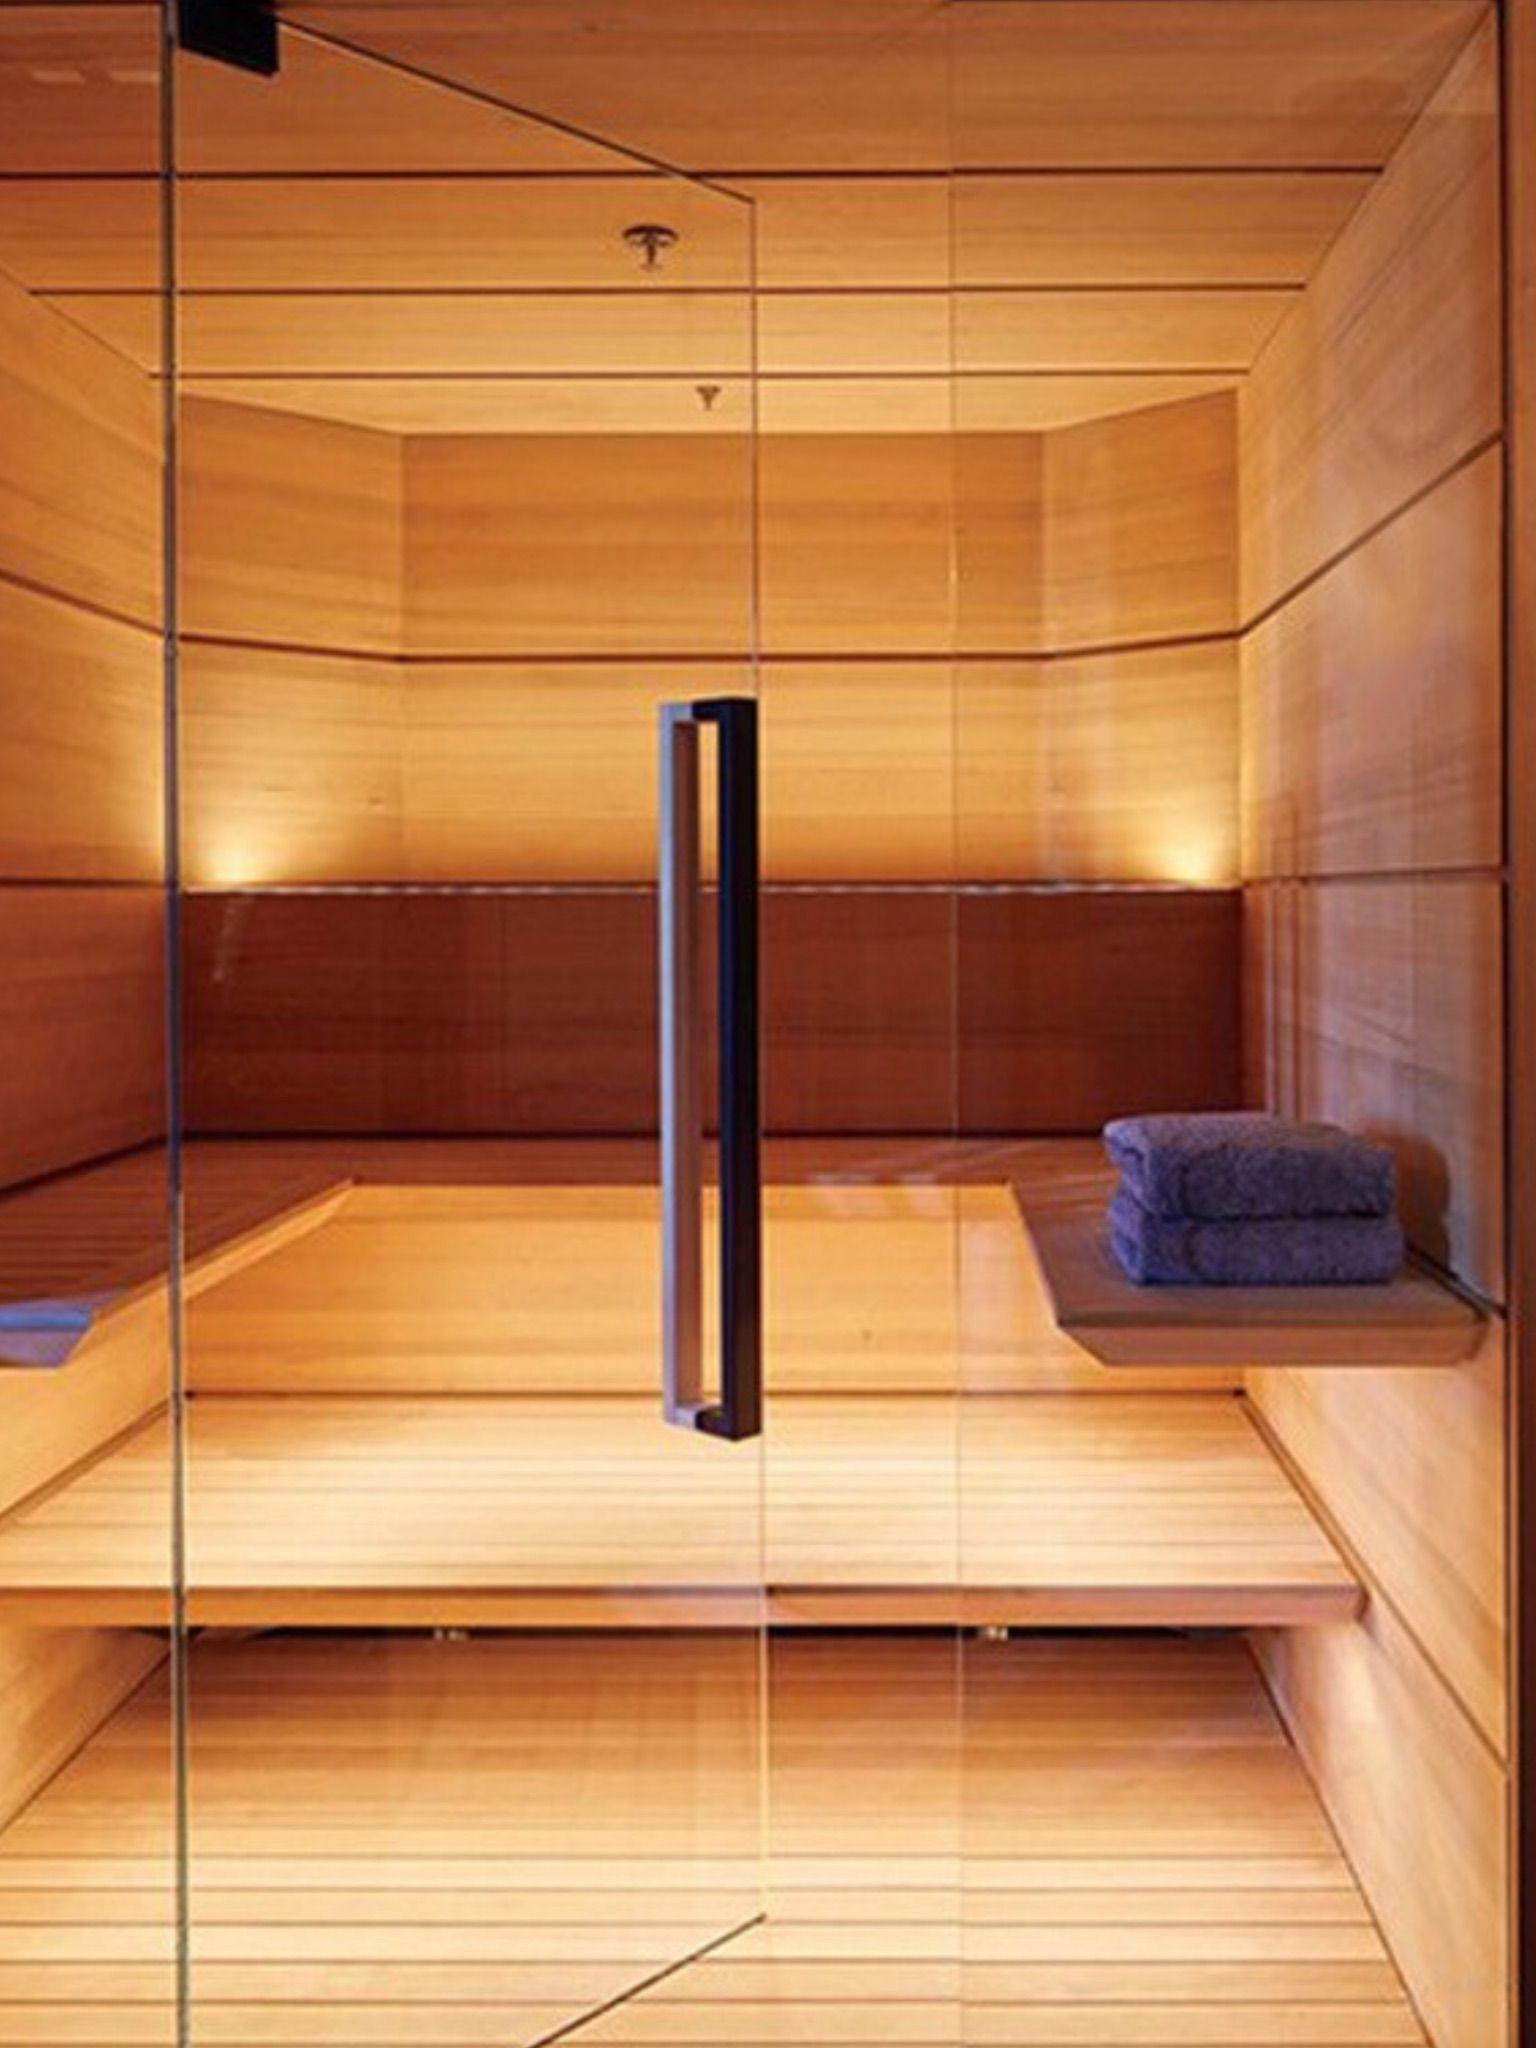 Pin by Callie S on Third Floor | Pinterest | Saunas, Sauna ideas and ...